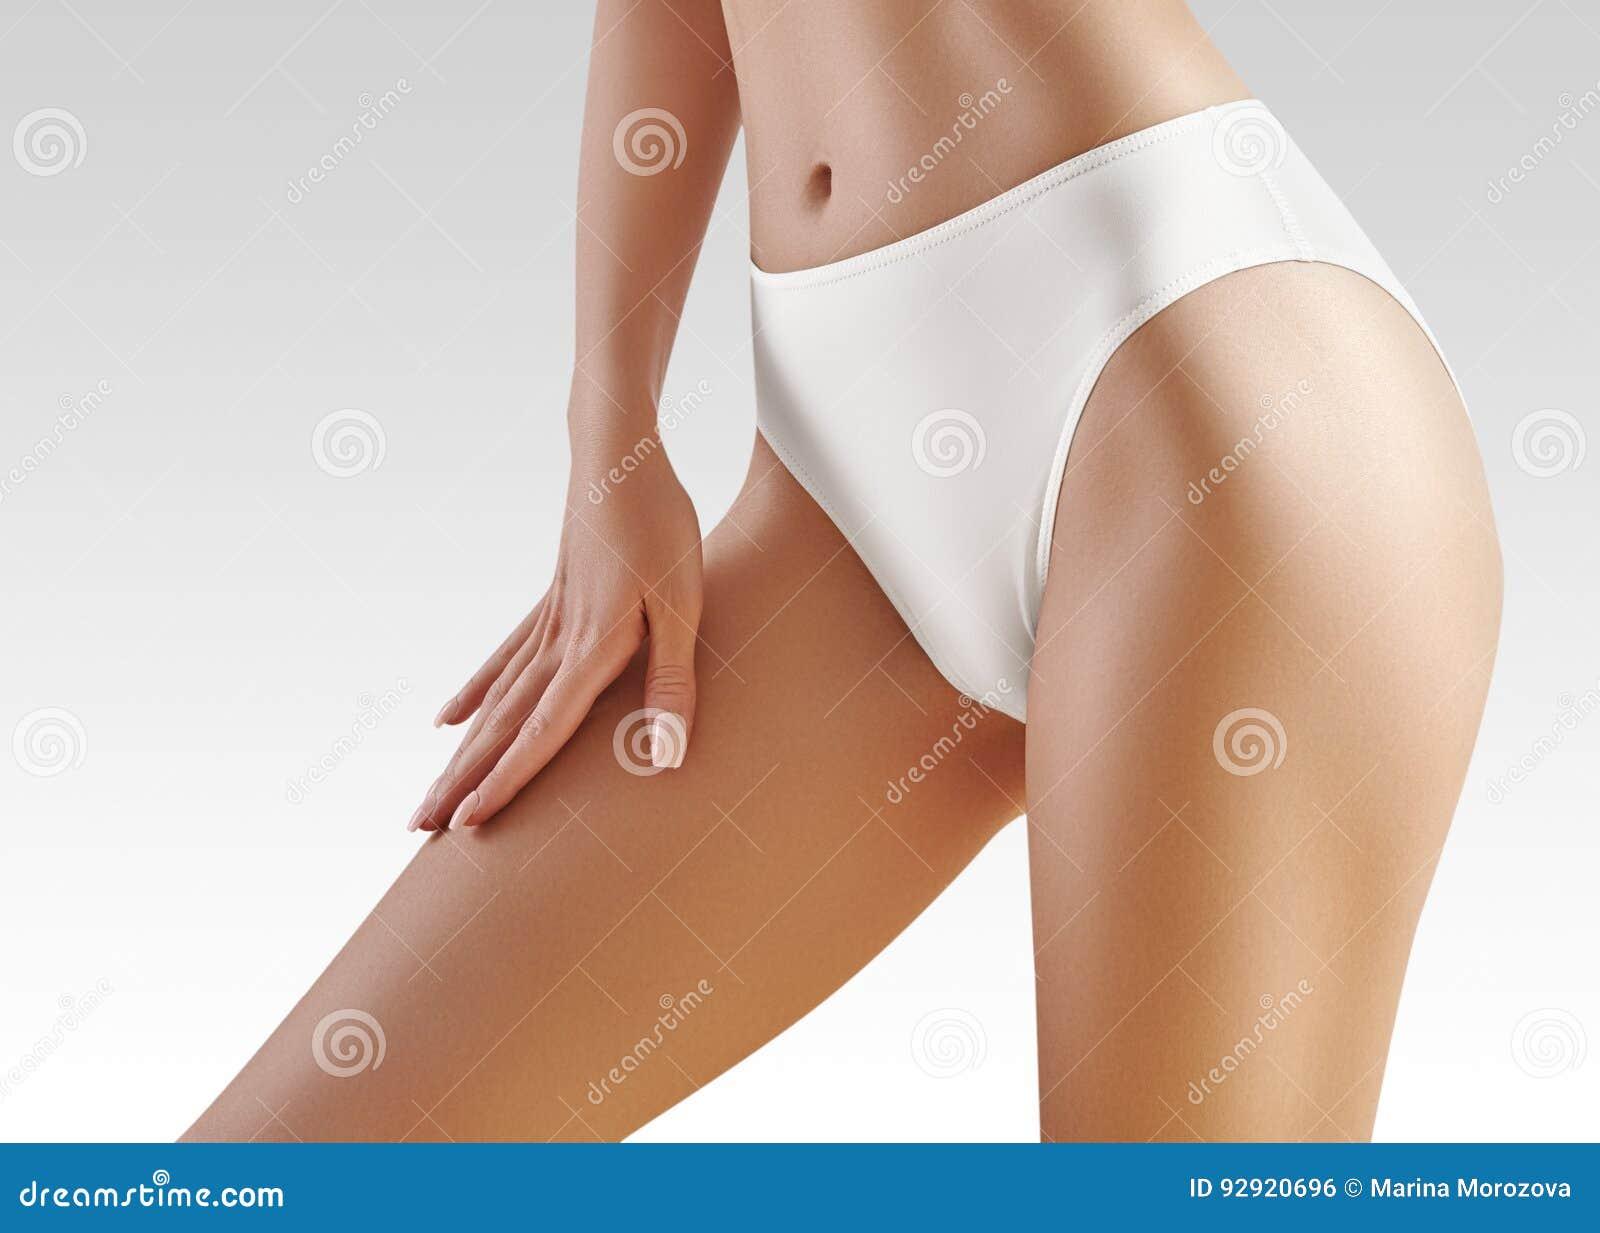 Kuuroord, wellness Gezond slank lichaam Mooie sexy heupen Geschiktheid of plastische chirurgie Perfecte billen zonder cellulite